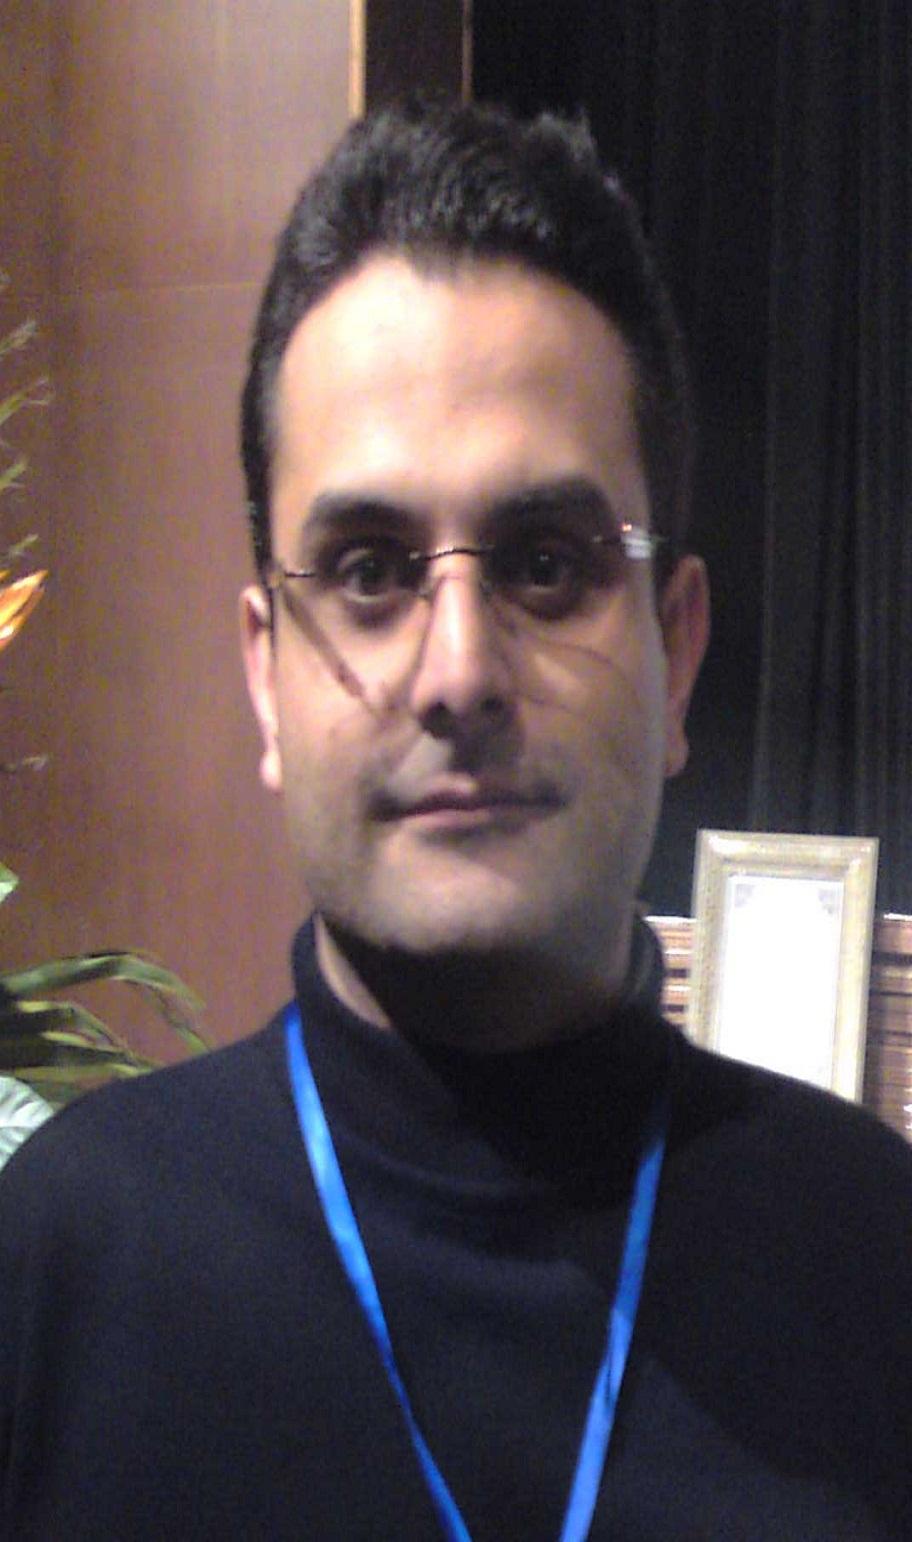 Arash Zibaee